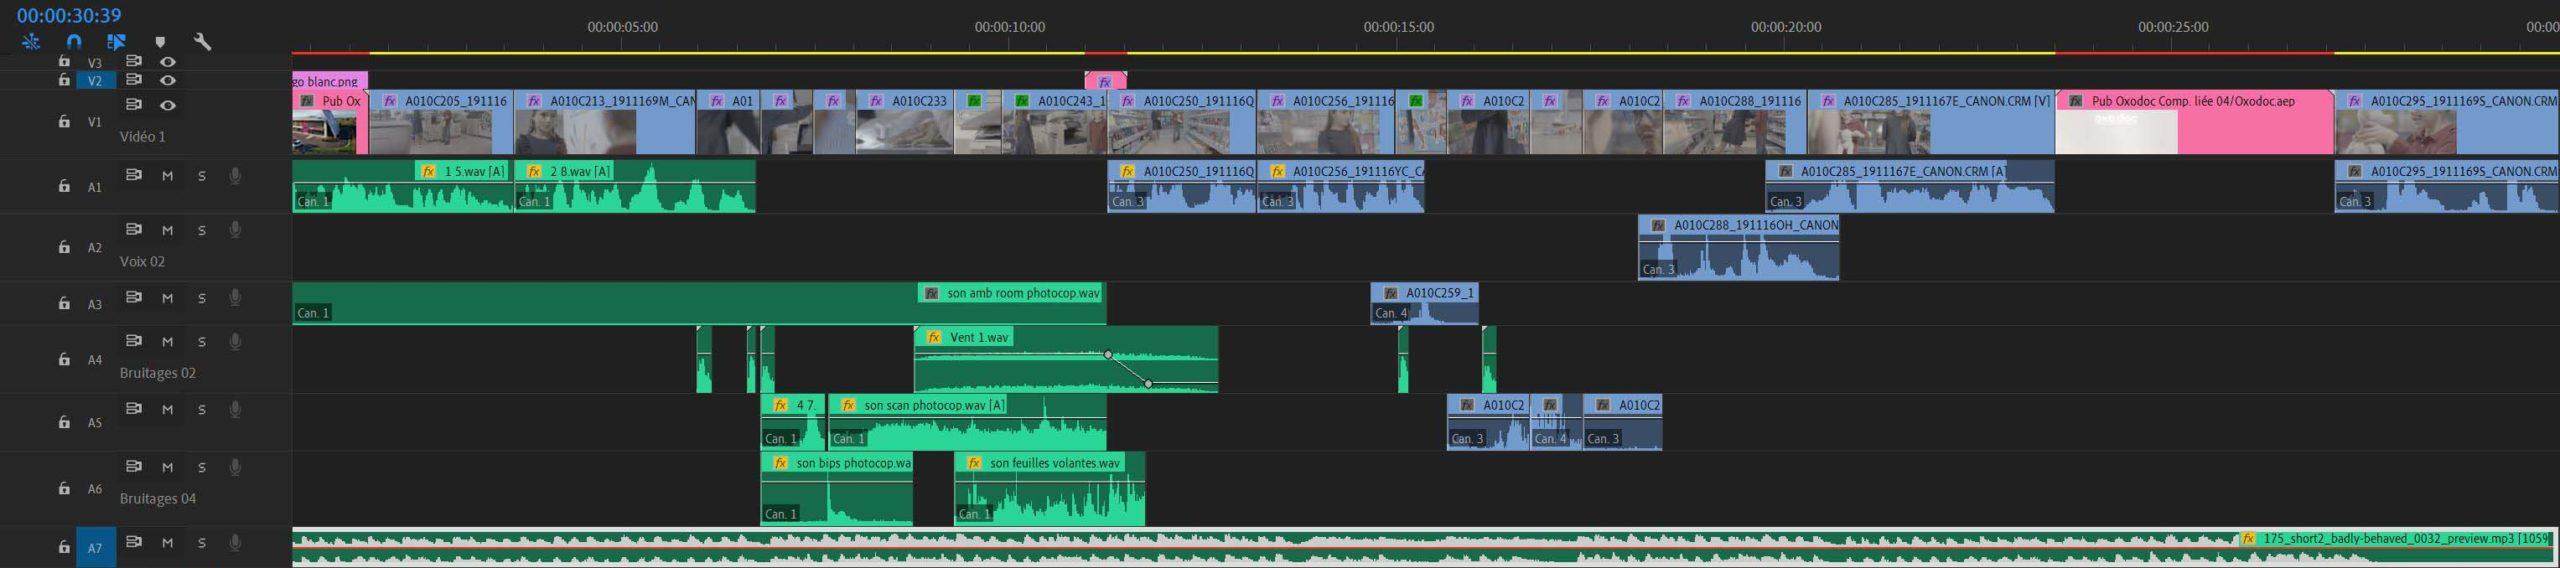 Timeline-pub-studio-og-troyes